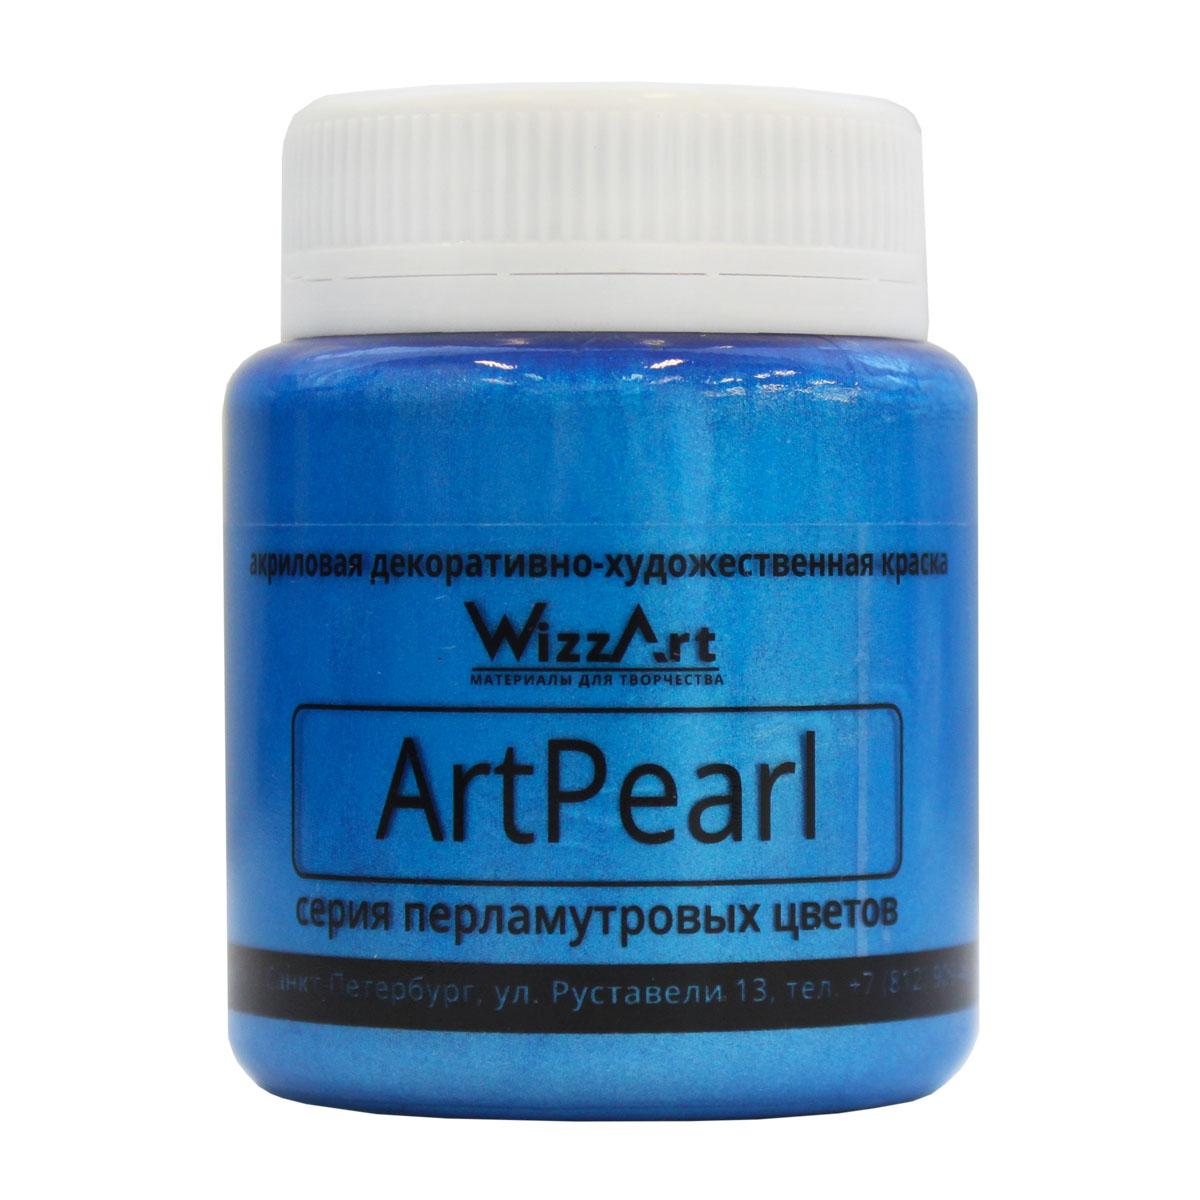 Краска акриловая Wizzart ArtPearl, цвет: синий, 80 мл501019Линейка акриловых красок WizzArt под названием ArtPearl- это широкий ассортимент перламутровых оттенков. Эффект перламутра помогает создать красивейшие рисунки и замечательный декор. Перламутровая акриловая краска быстро высыхает, прочно держится, создает ровную и гладкую поверхность, которая красиво переливается на свету. Ее мягкое сияние придаст изюминку любому произведению декоративно-прикладного искусства. Все краски WizzArt отлично совместимы между собой, что открывает широкие горизонты для реализации творческих идей. Ими можно декорировать посуду, открытки, рамки для фото, подарочные коробки, зеркала, елочные игрушки. Акриловые краски WizzArt обладают равномерной текстурой, отлично ложатся на любую обезжиренную поверхность и надежно держатся на ней после высыхания, надолго сохраняя яркость цвета и эластичность. Данные краски не содержат токсичных веществ и не имеют сильного запаха.Объем: 80 мл.Товар сертифицирован.